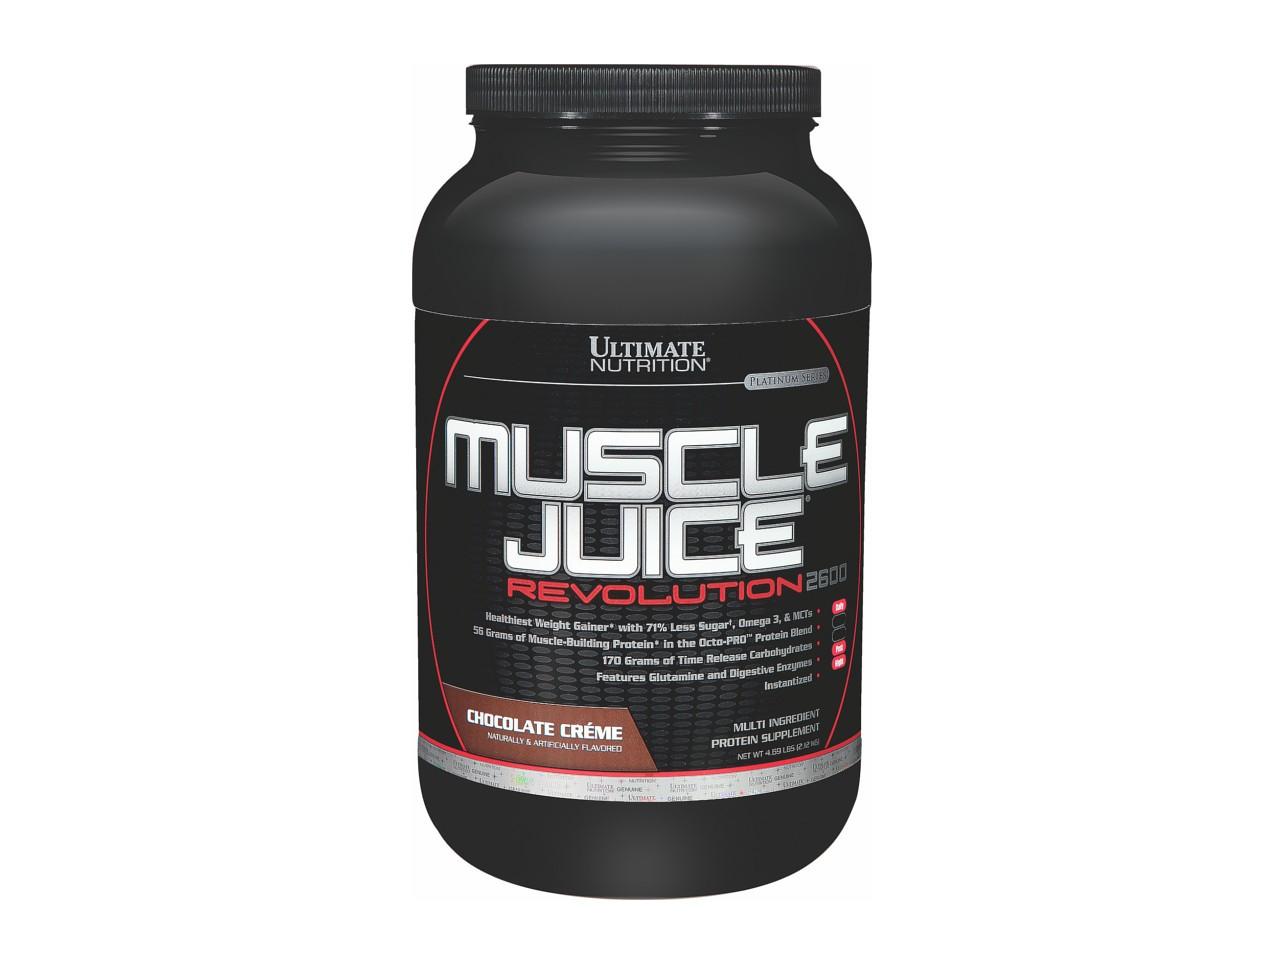 Отзывы на гейнер muscle juice revolution 2600 ultimate nutrition от покупателей 5lb.ru